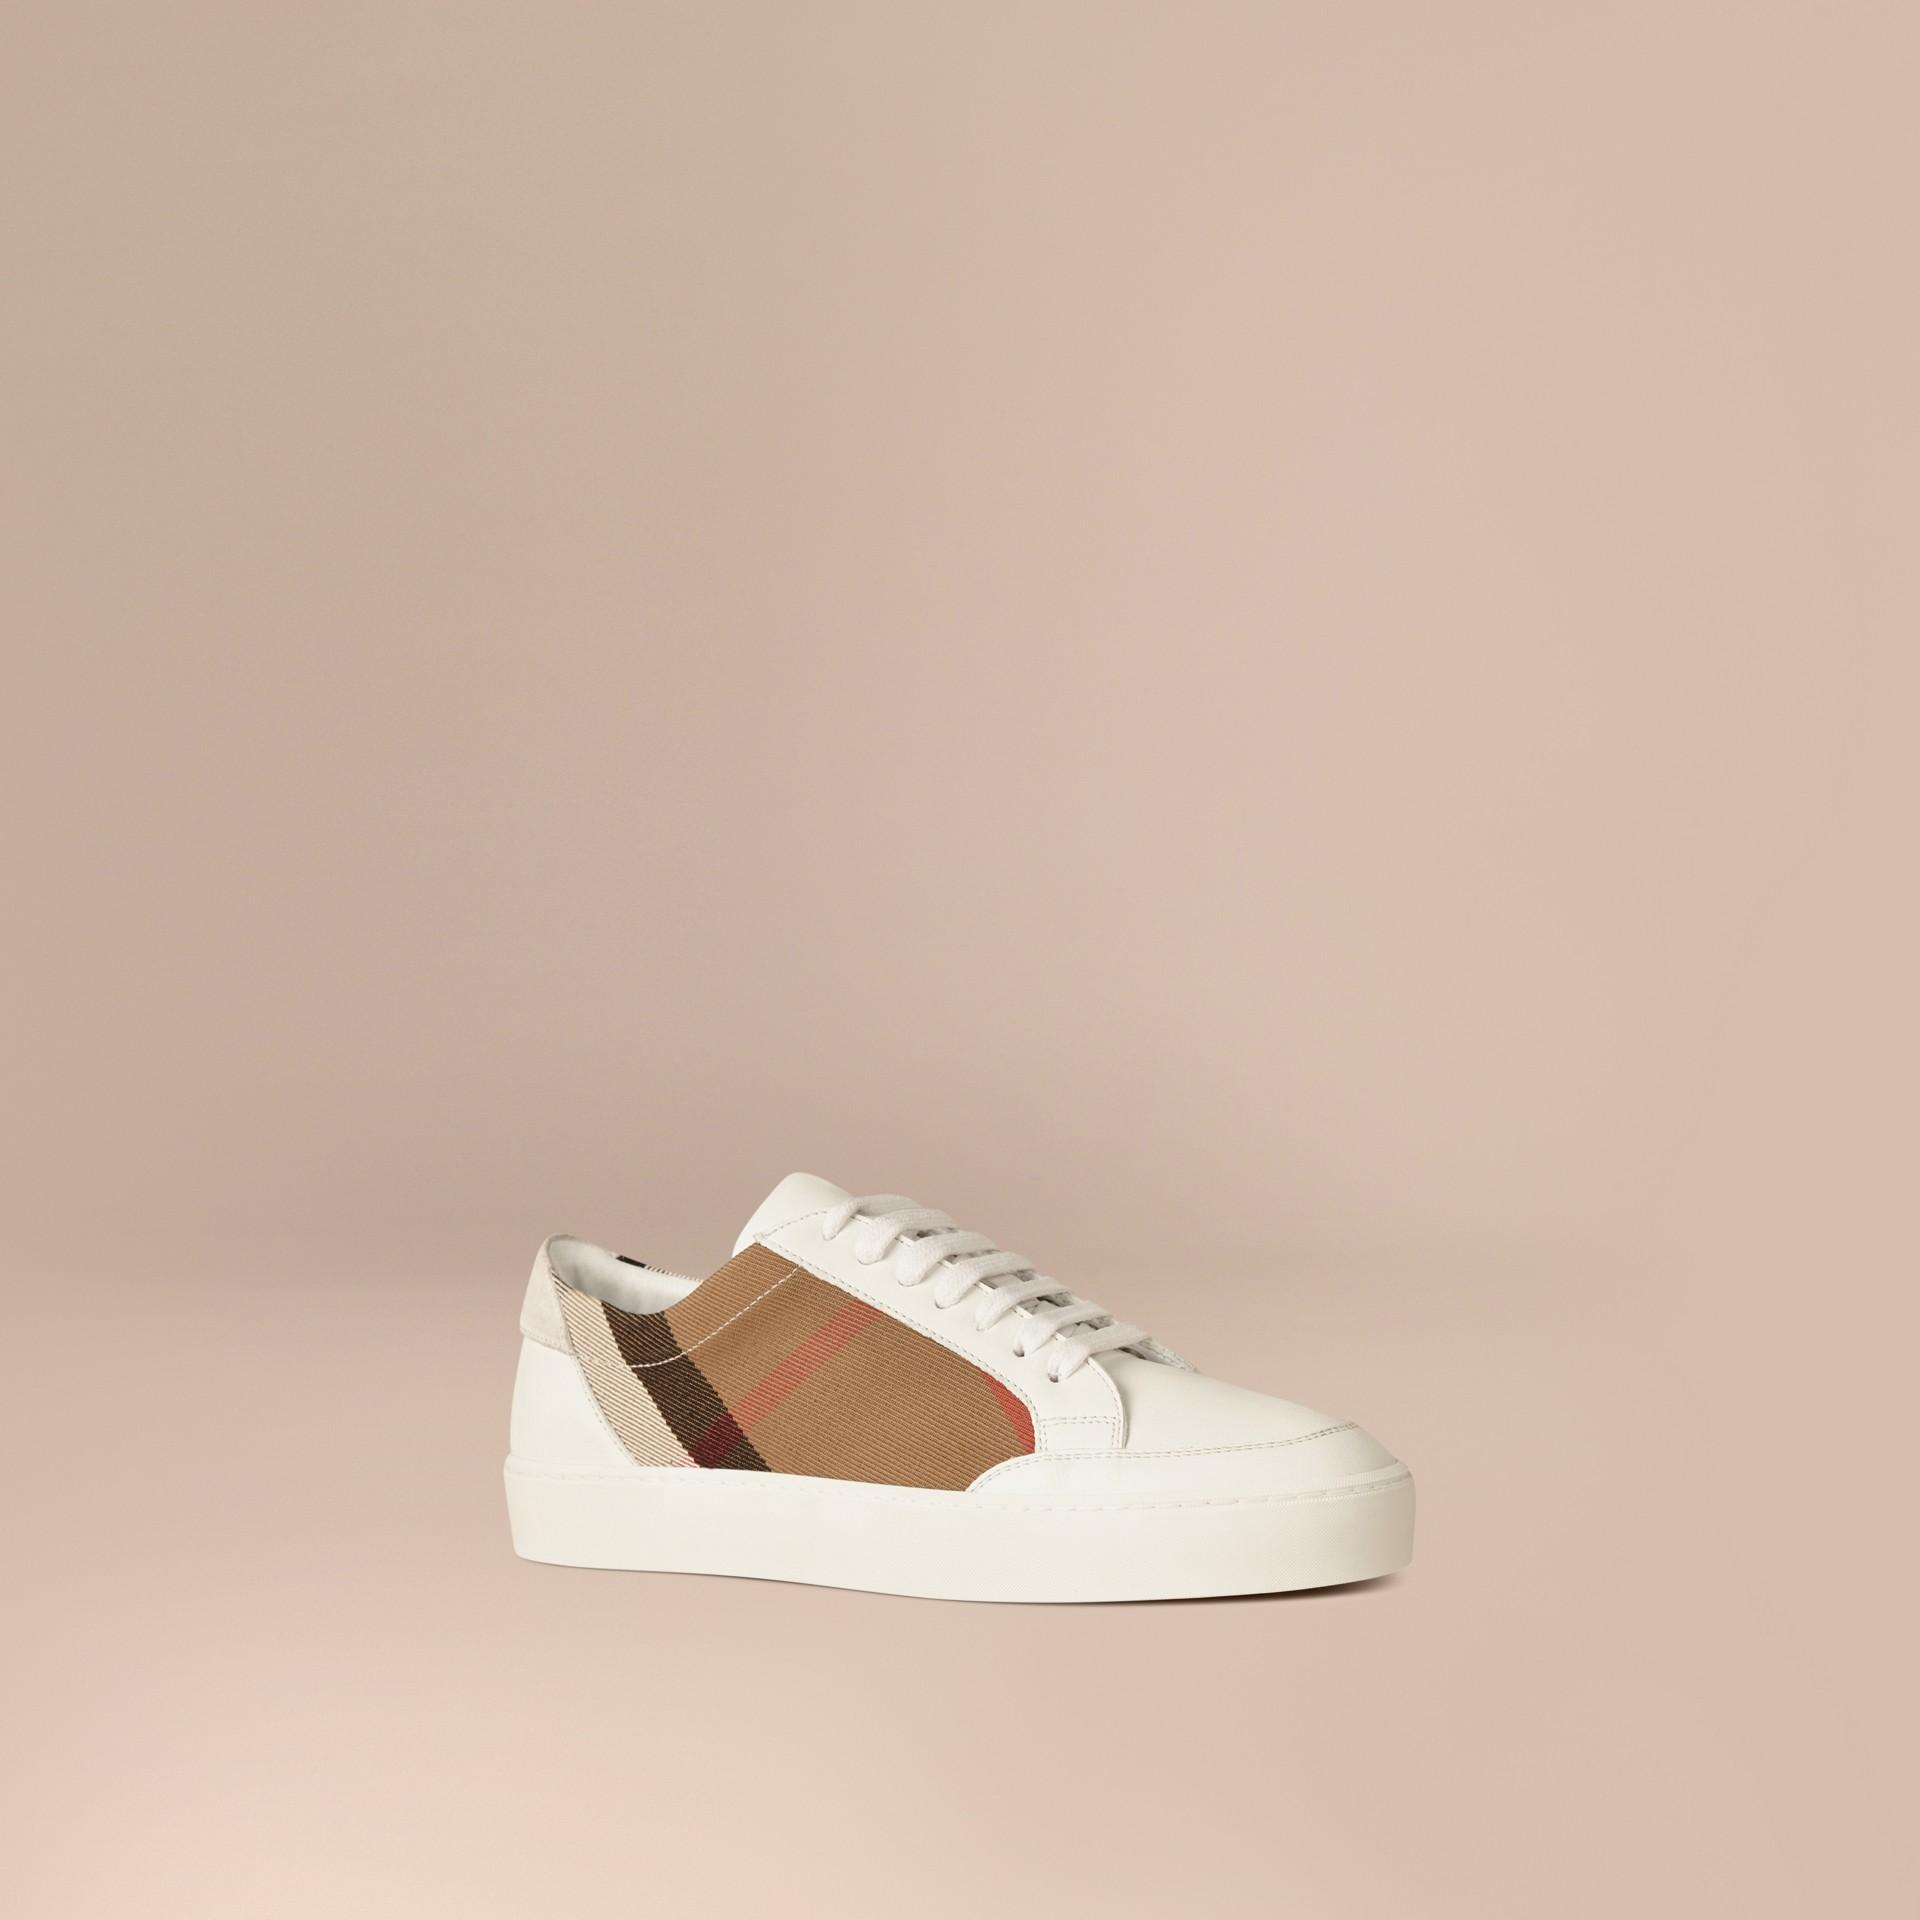 House check/bianco ottico Sneaker in pelle con dettagli check - immagine della galleria 1